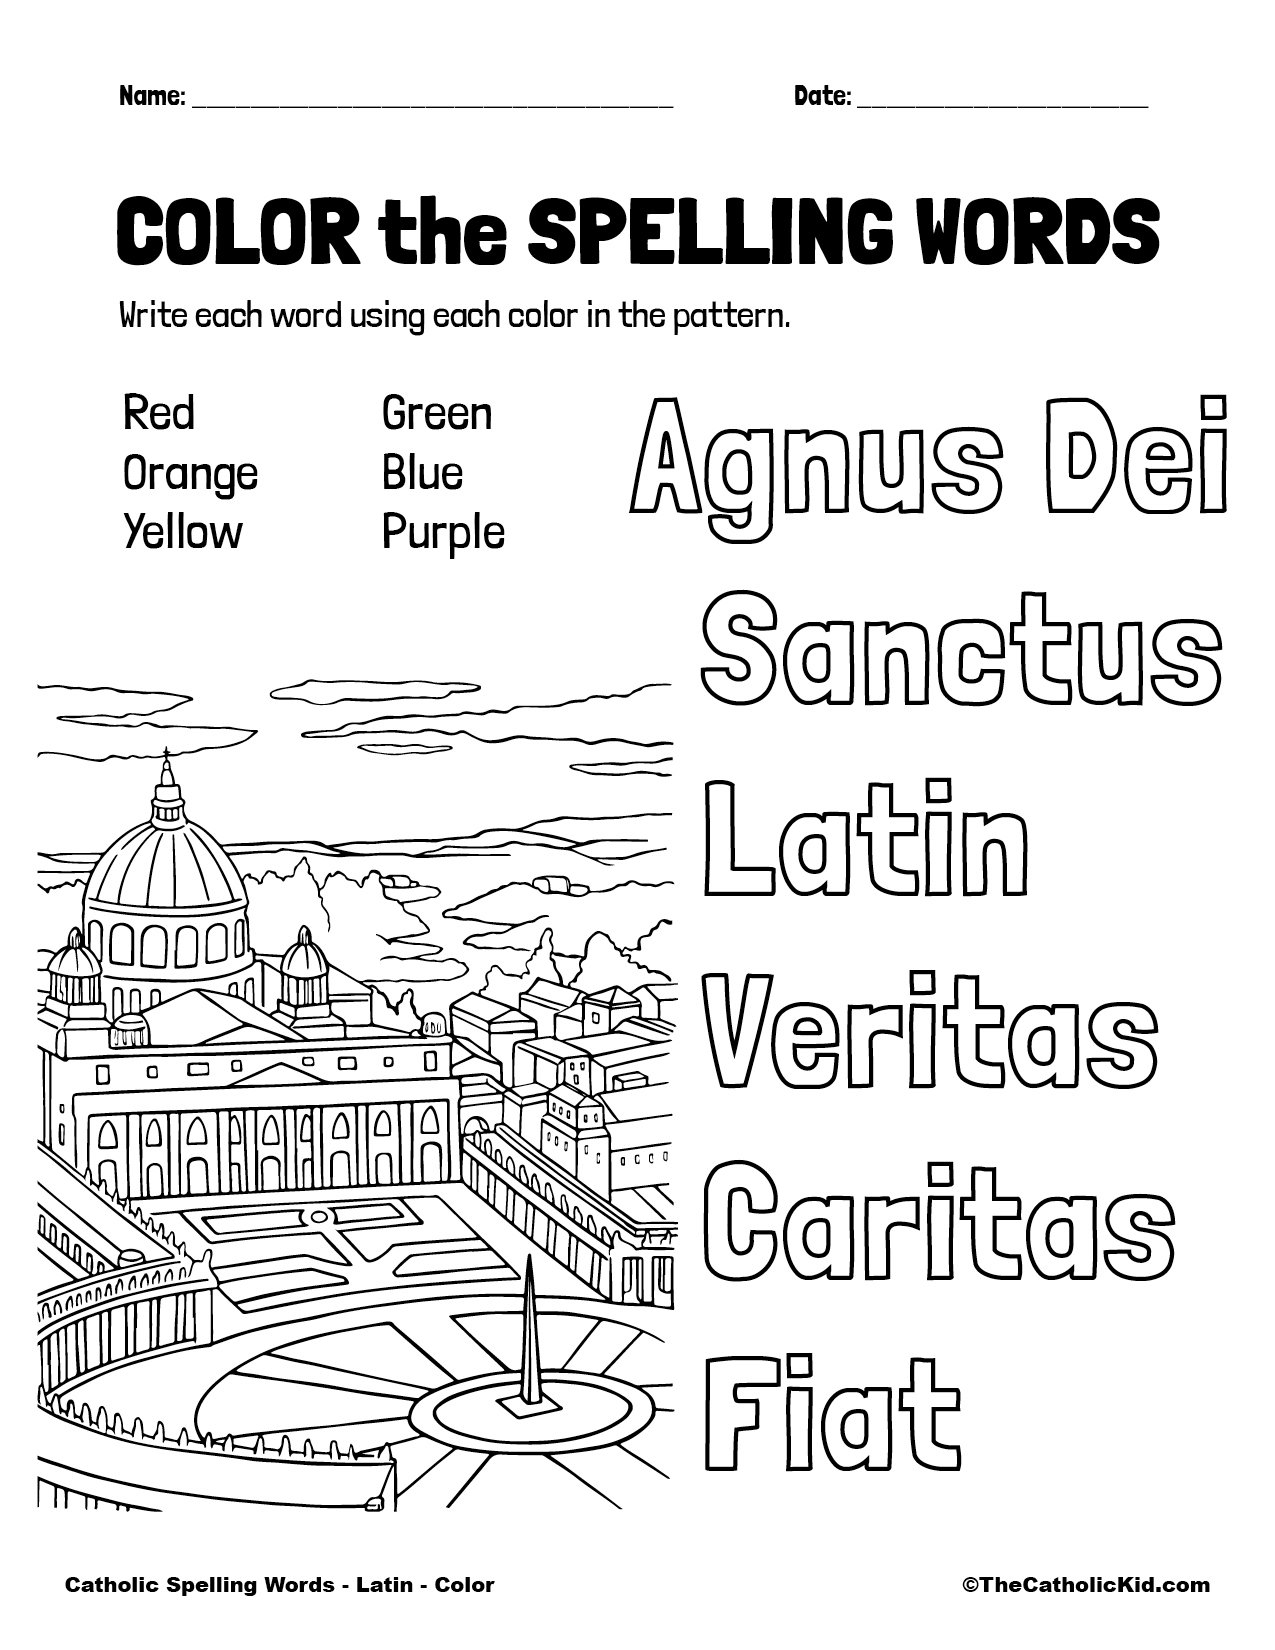 Catholic Spelling & Vocabulary Words Latin Worksheet 1 Color